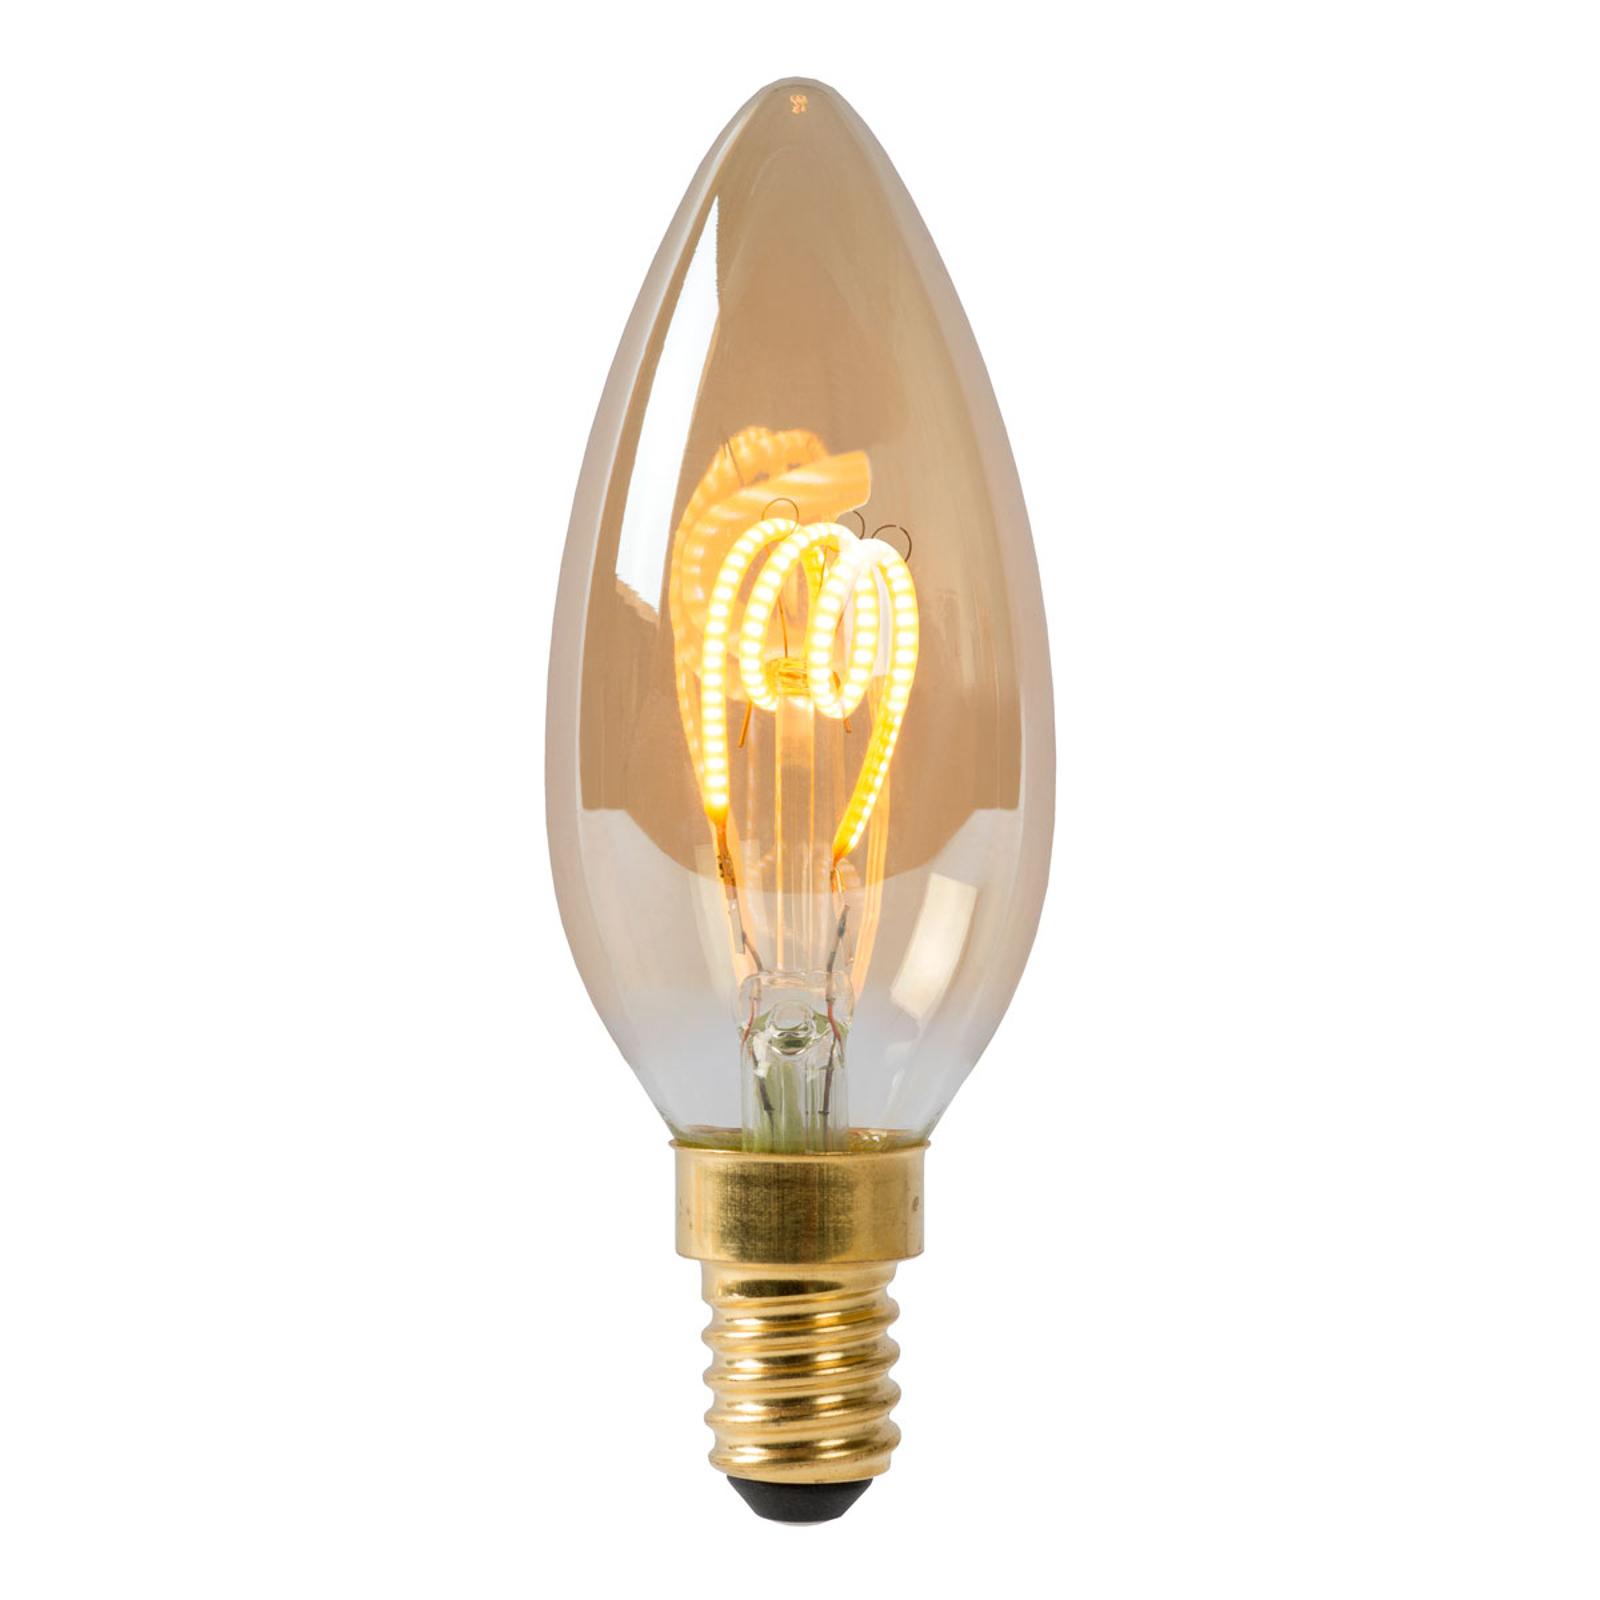 LED-kronljuslampa E14 3W 2 200 K dimbar